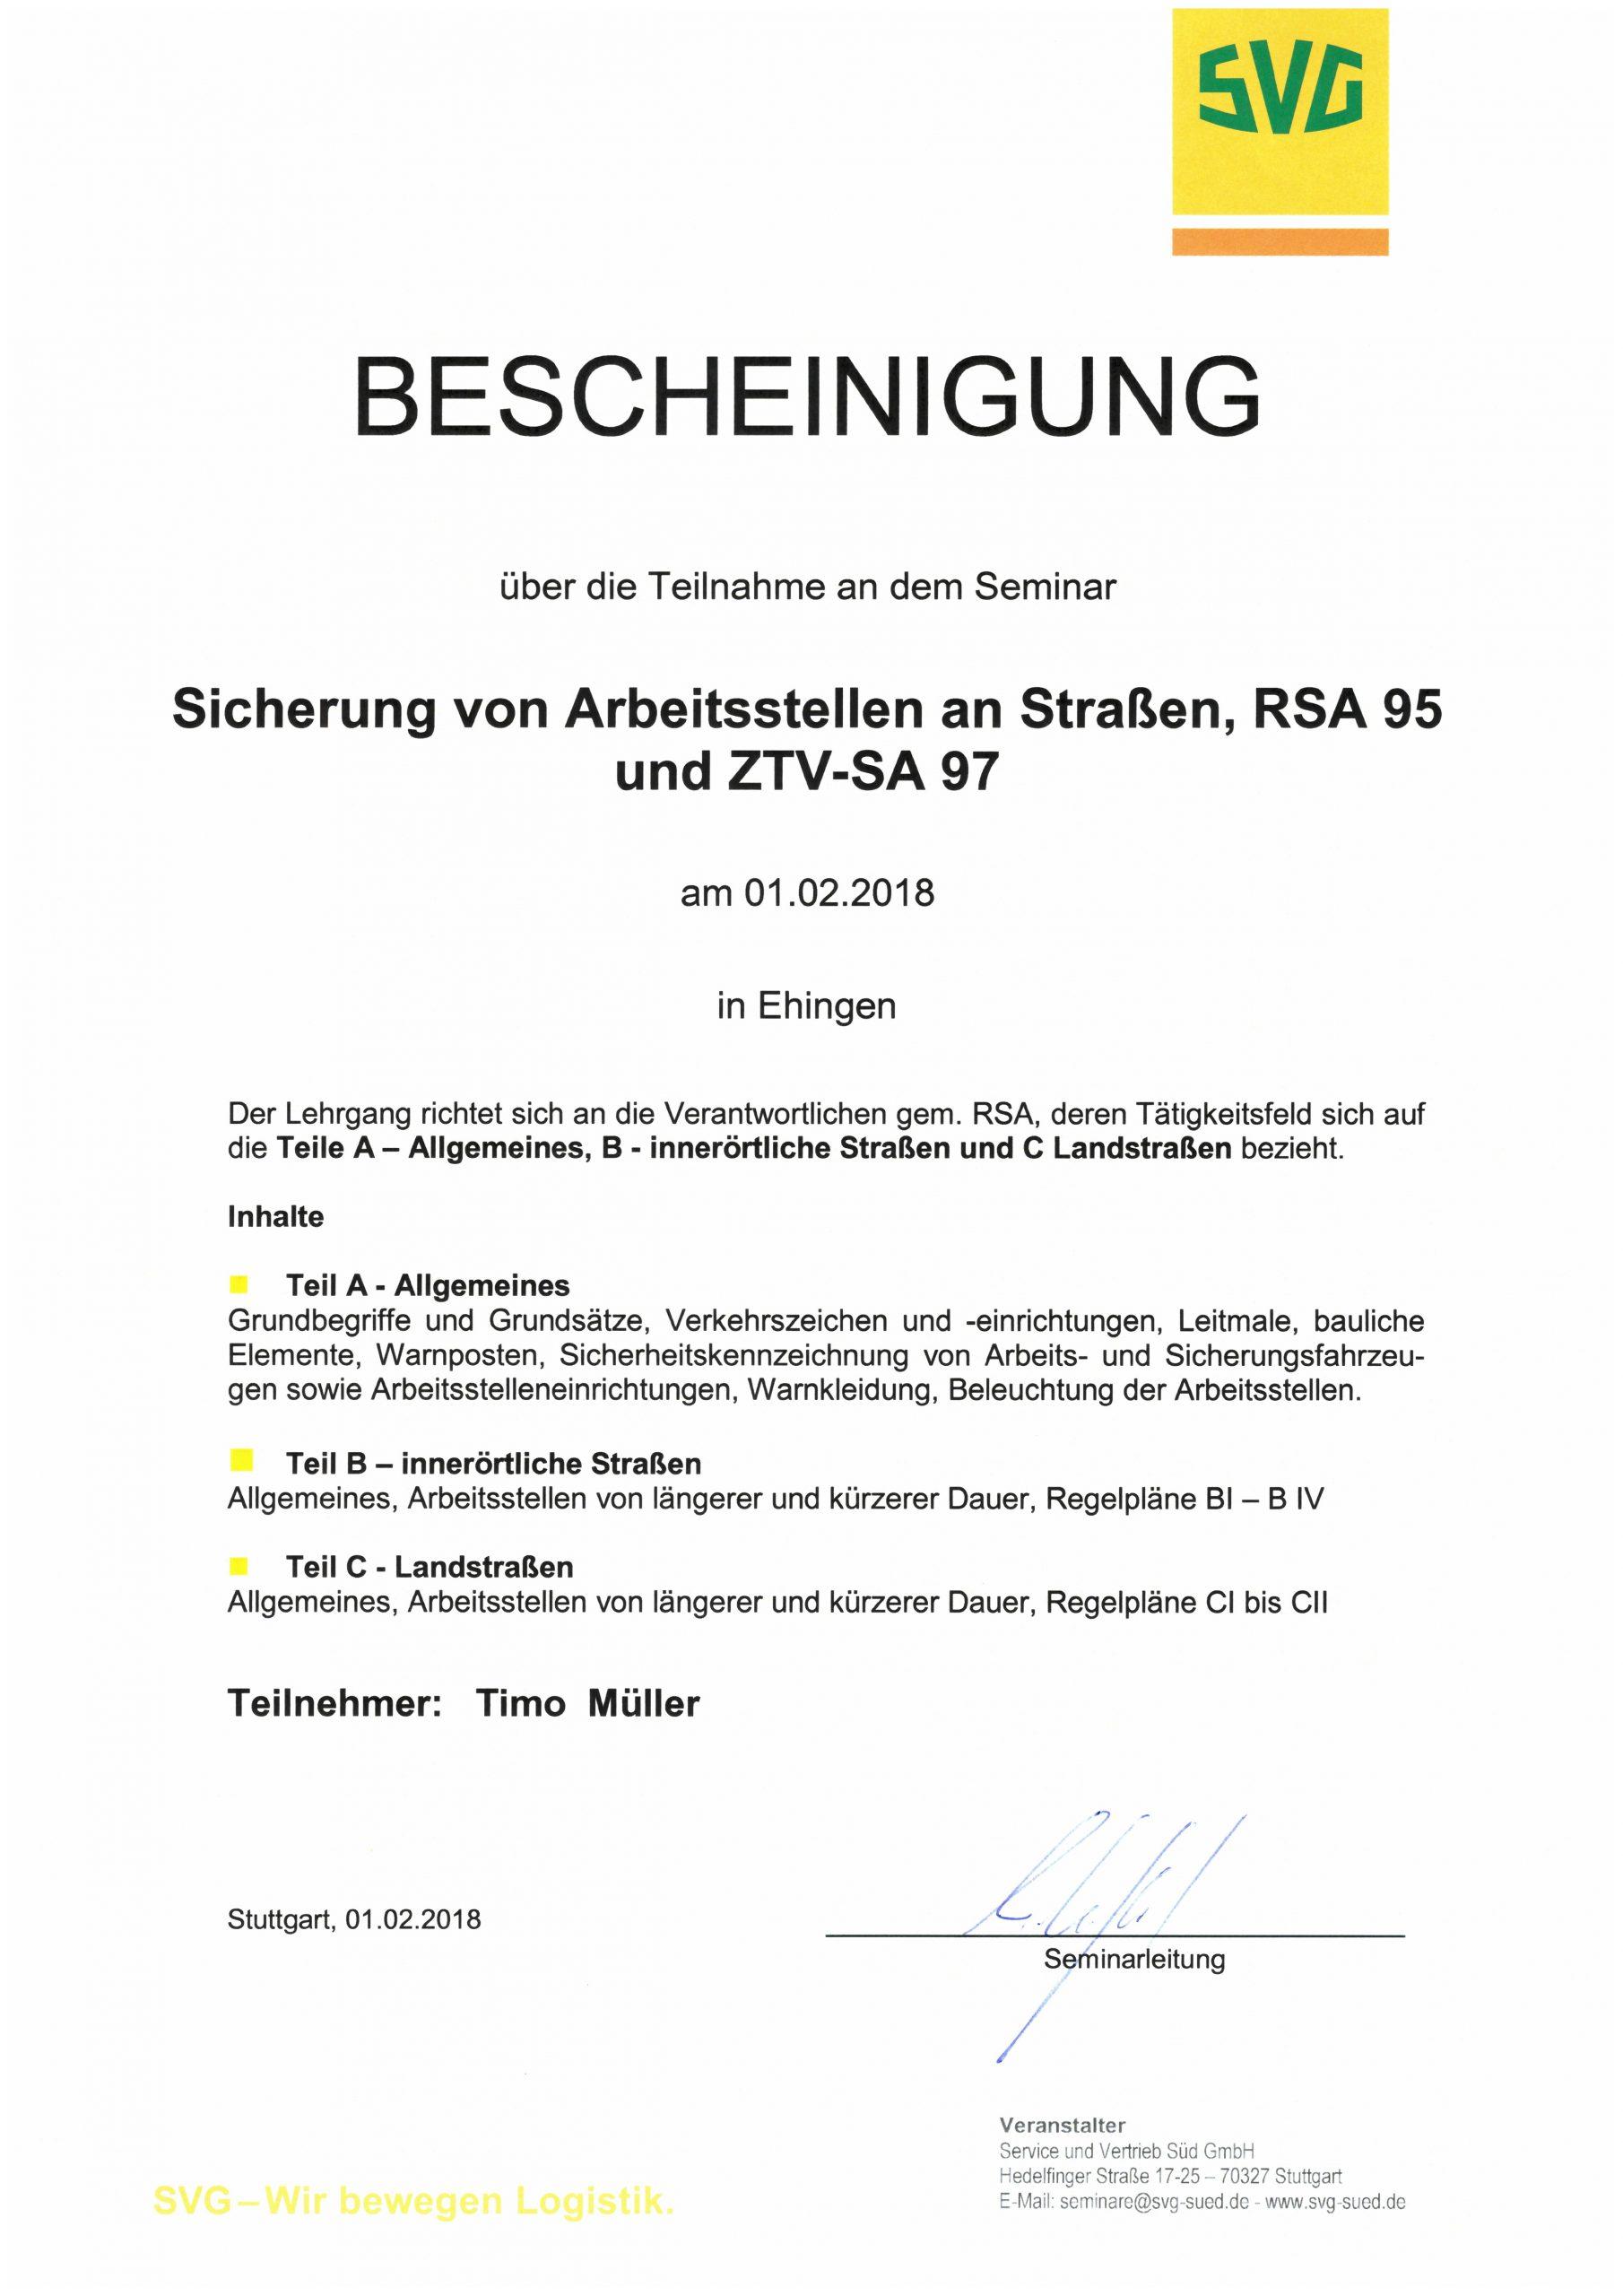 Seminarbescheinigung zur Sicherung von Arbeitsstellen an Straßen - T.Müller